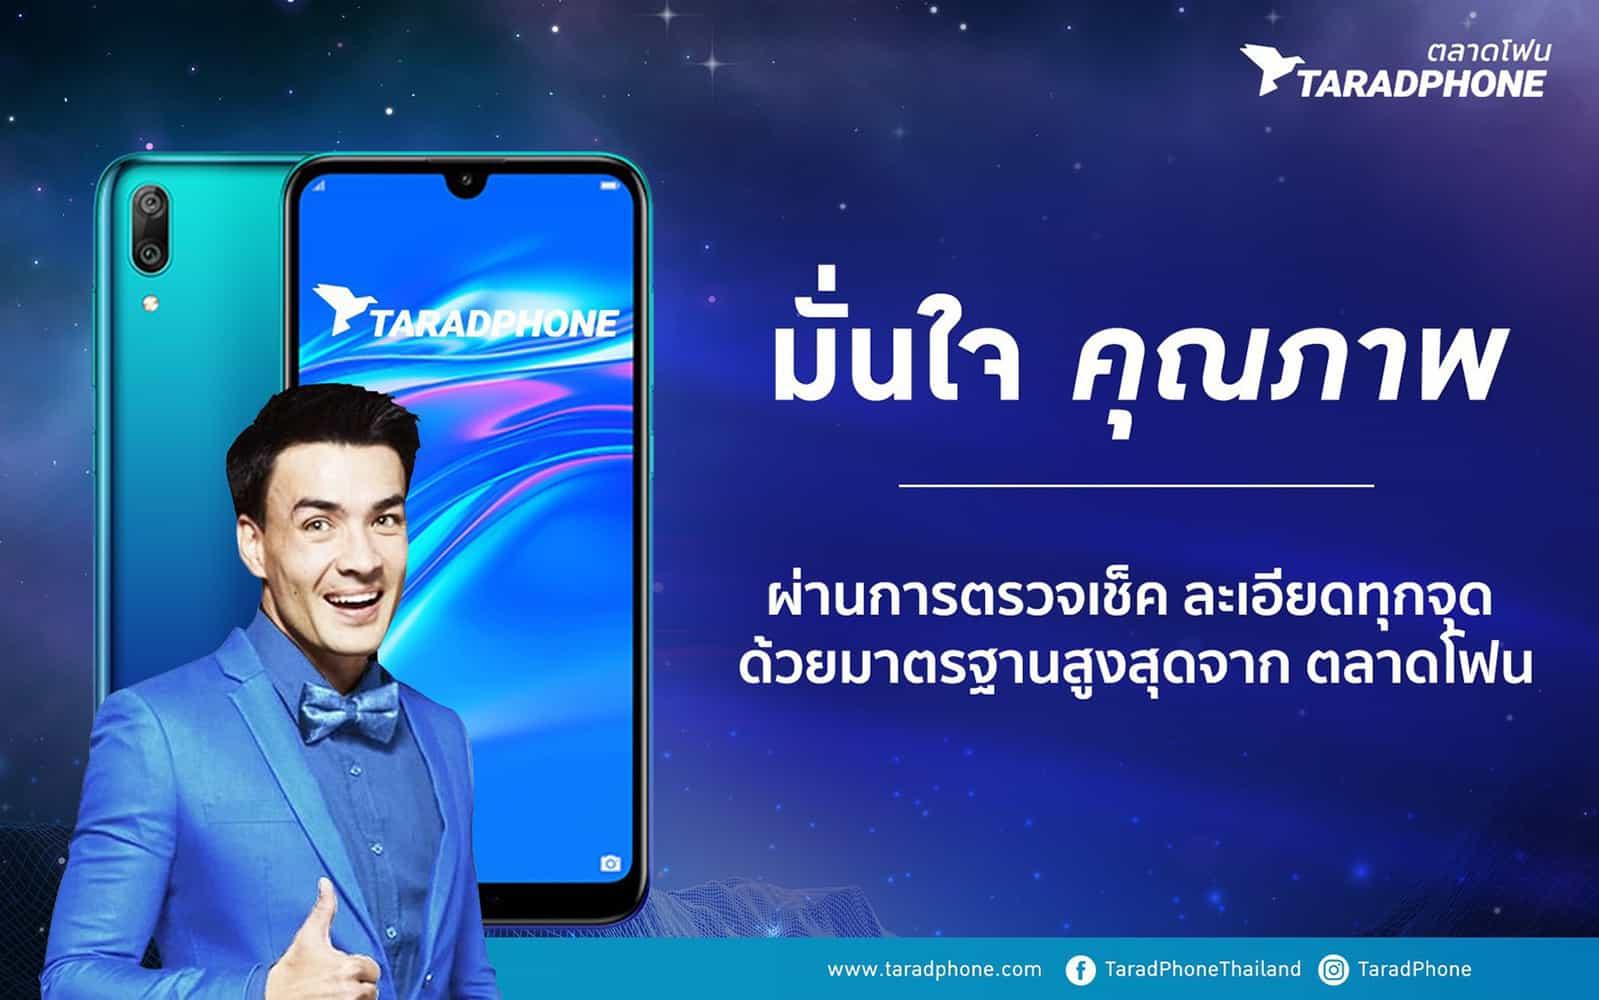 รูป taradphone munjai 1 ประกอบเนื้อหา Taradphone.com เร่งสร้างมาตรฐานตรวจเช็คคุณภาพ เ พิ่มความมั่นใจลูกค้าทั่วประเทศ